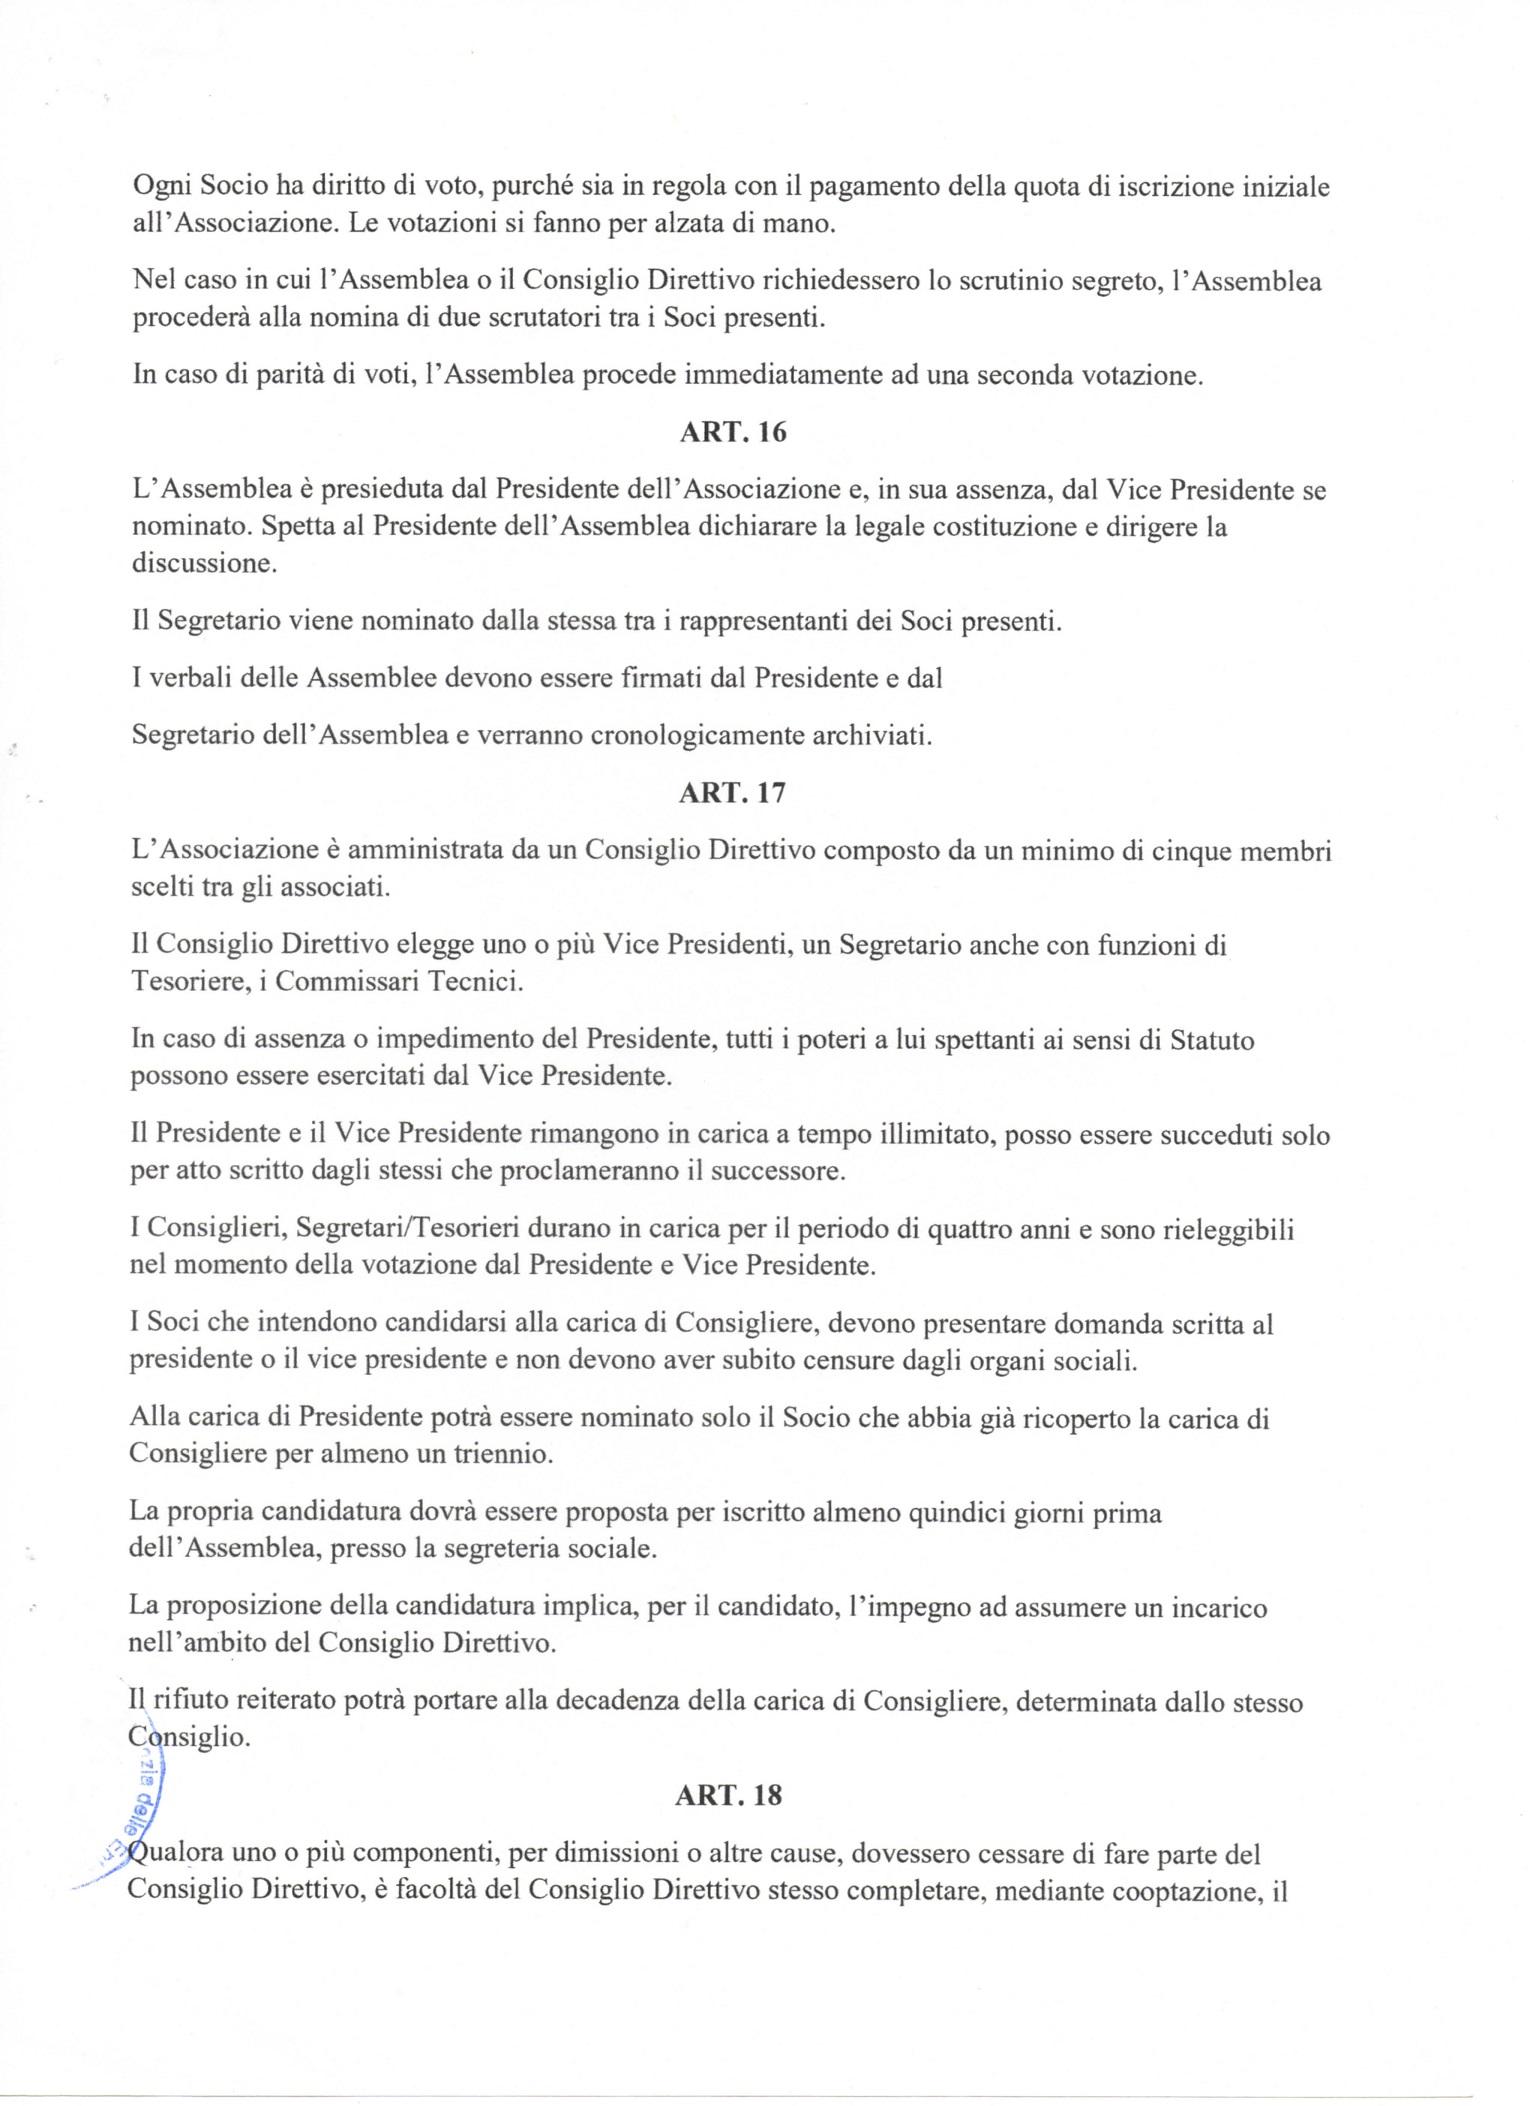 Statuto-5